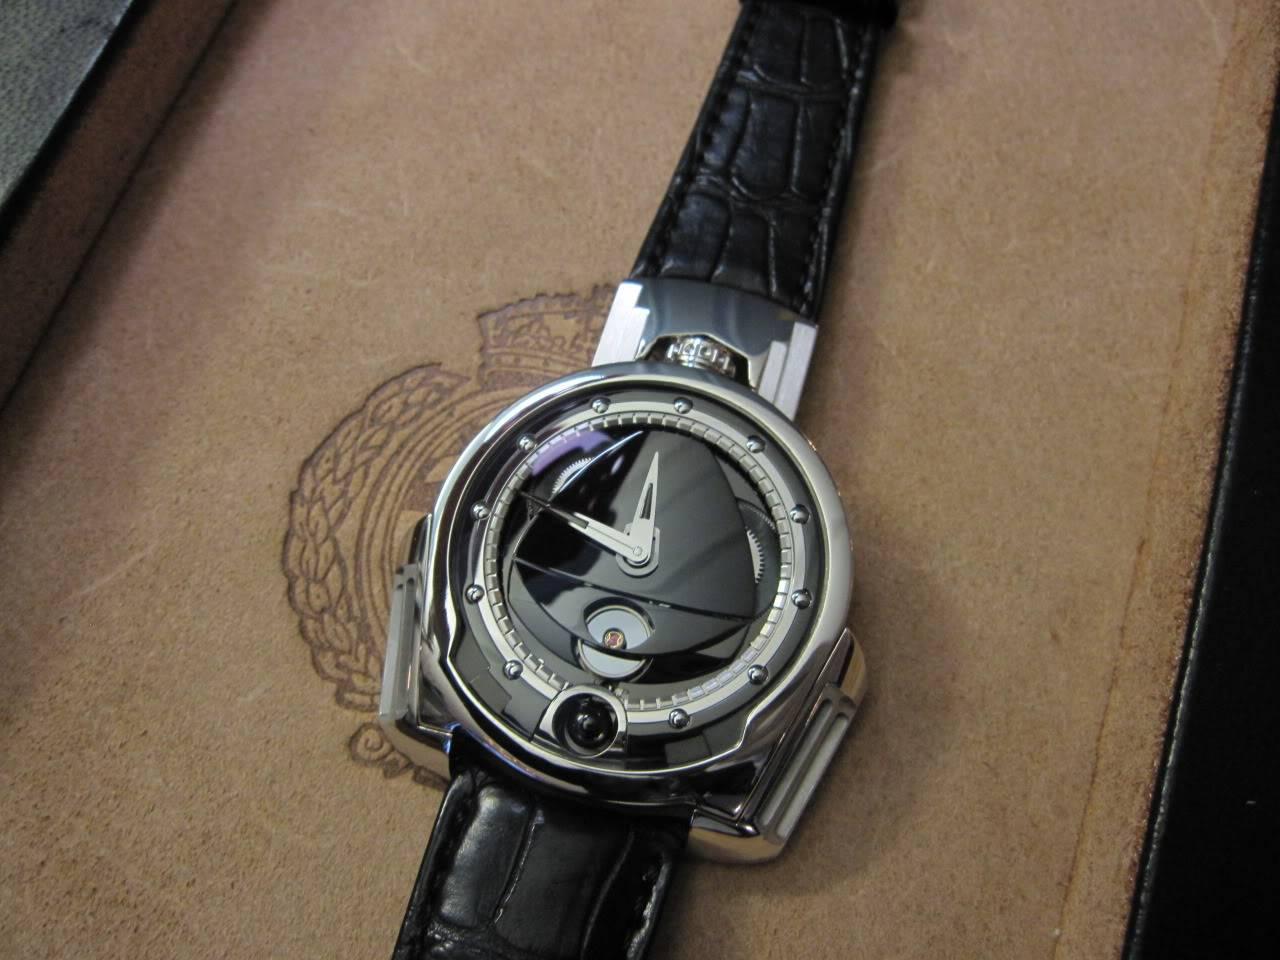 Où l'horlogerie devient art... (De Bethune inside) - Page 2 DB_SIHH2010_032